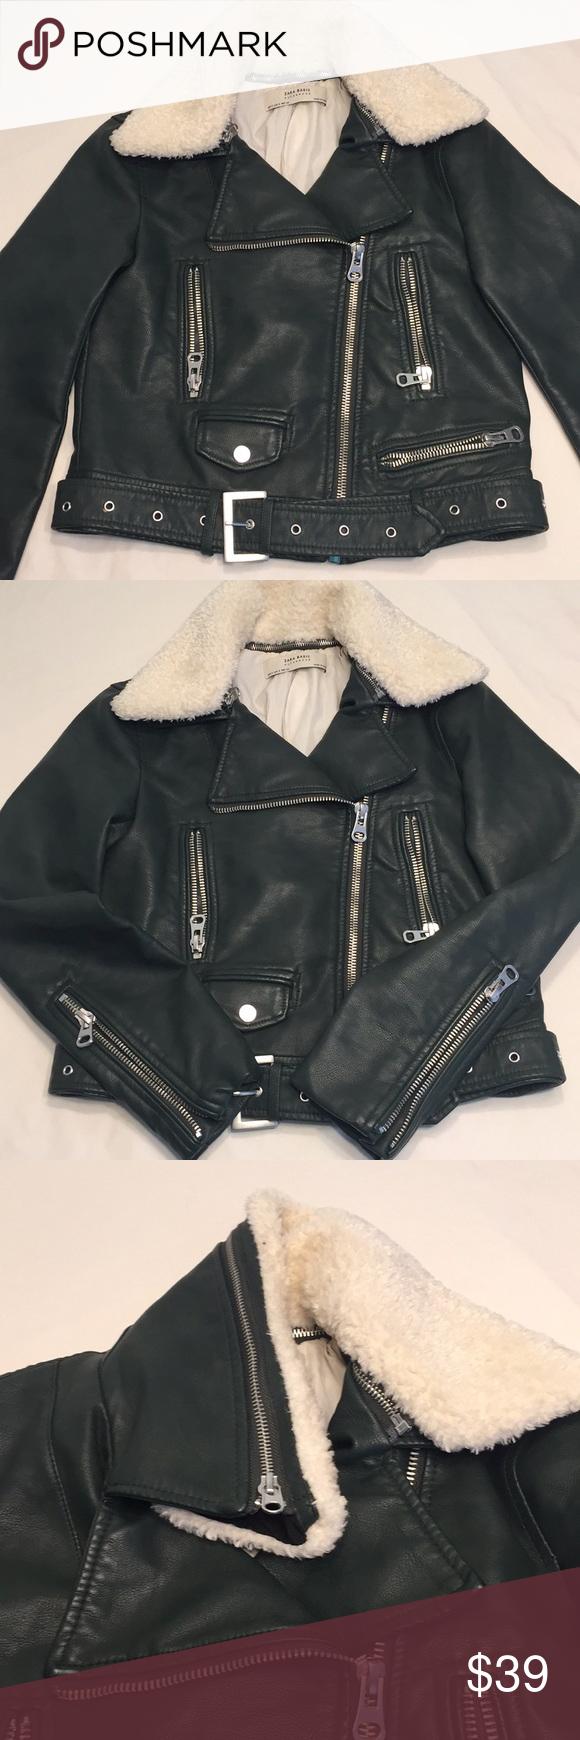 Zara Basic Leather Jacket With Detached Neck Green Leather Jacket Zara Basic Jackets [ 1740 x 580 Pixel ]